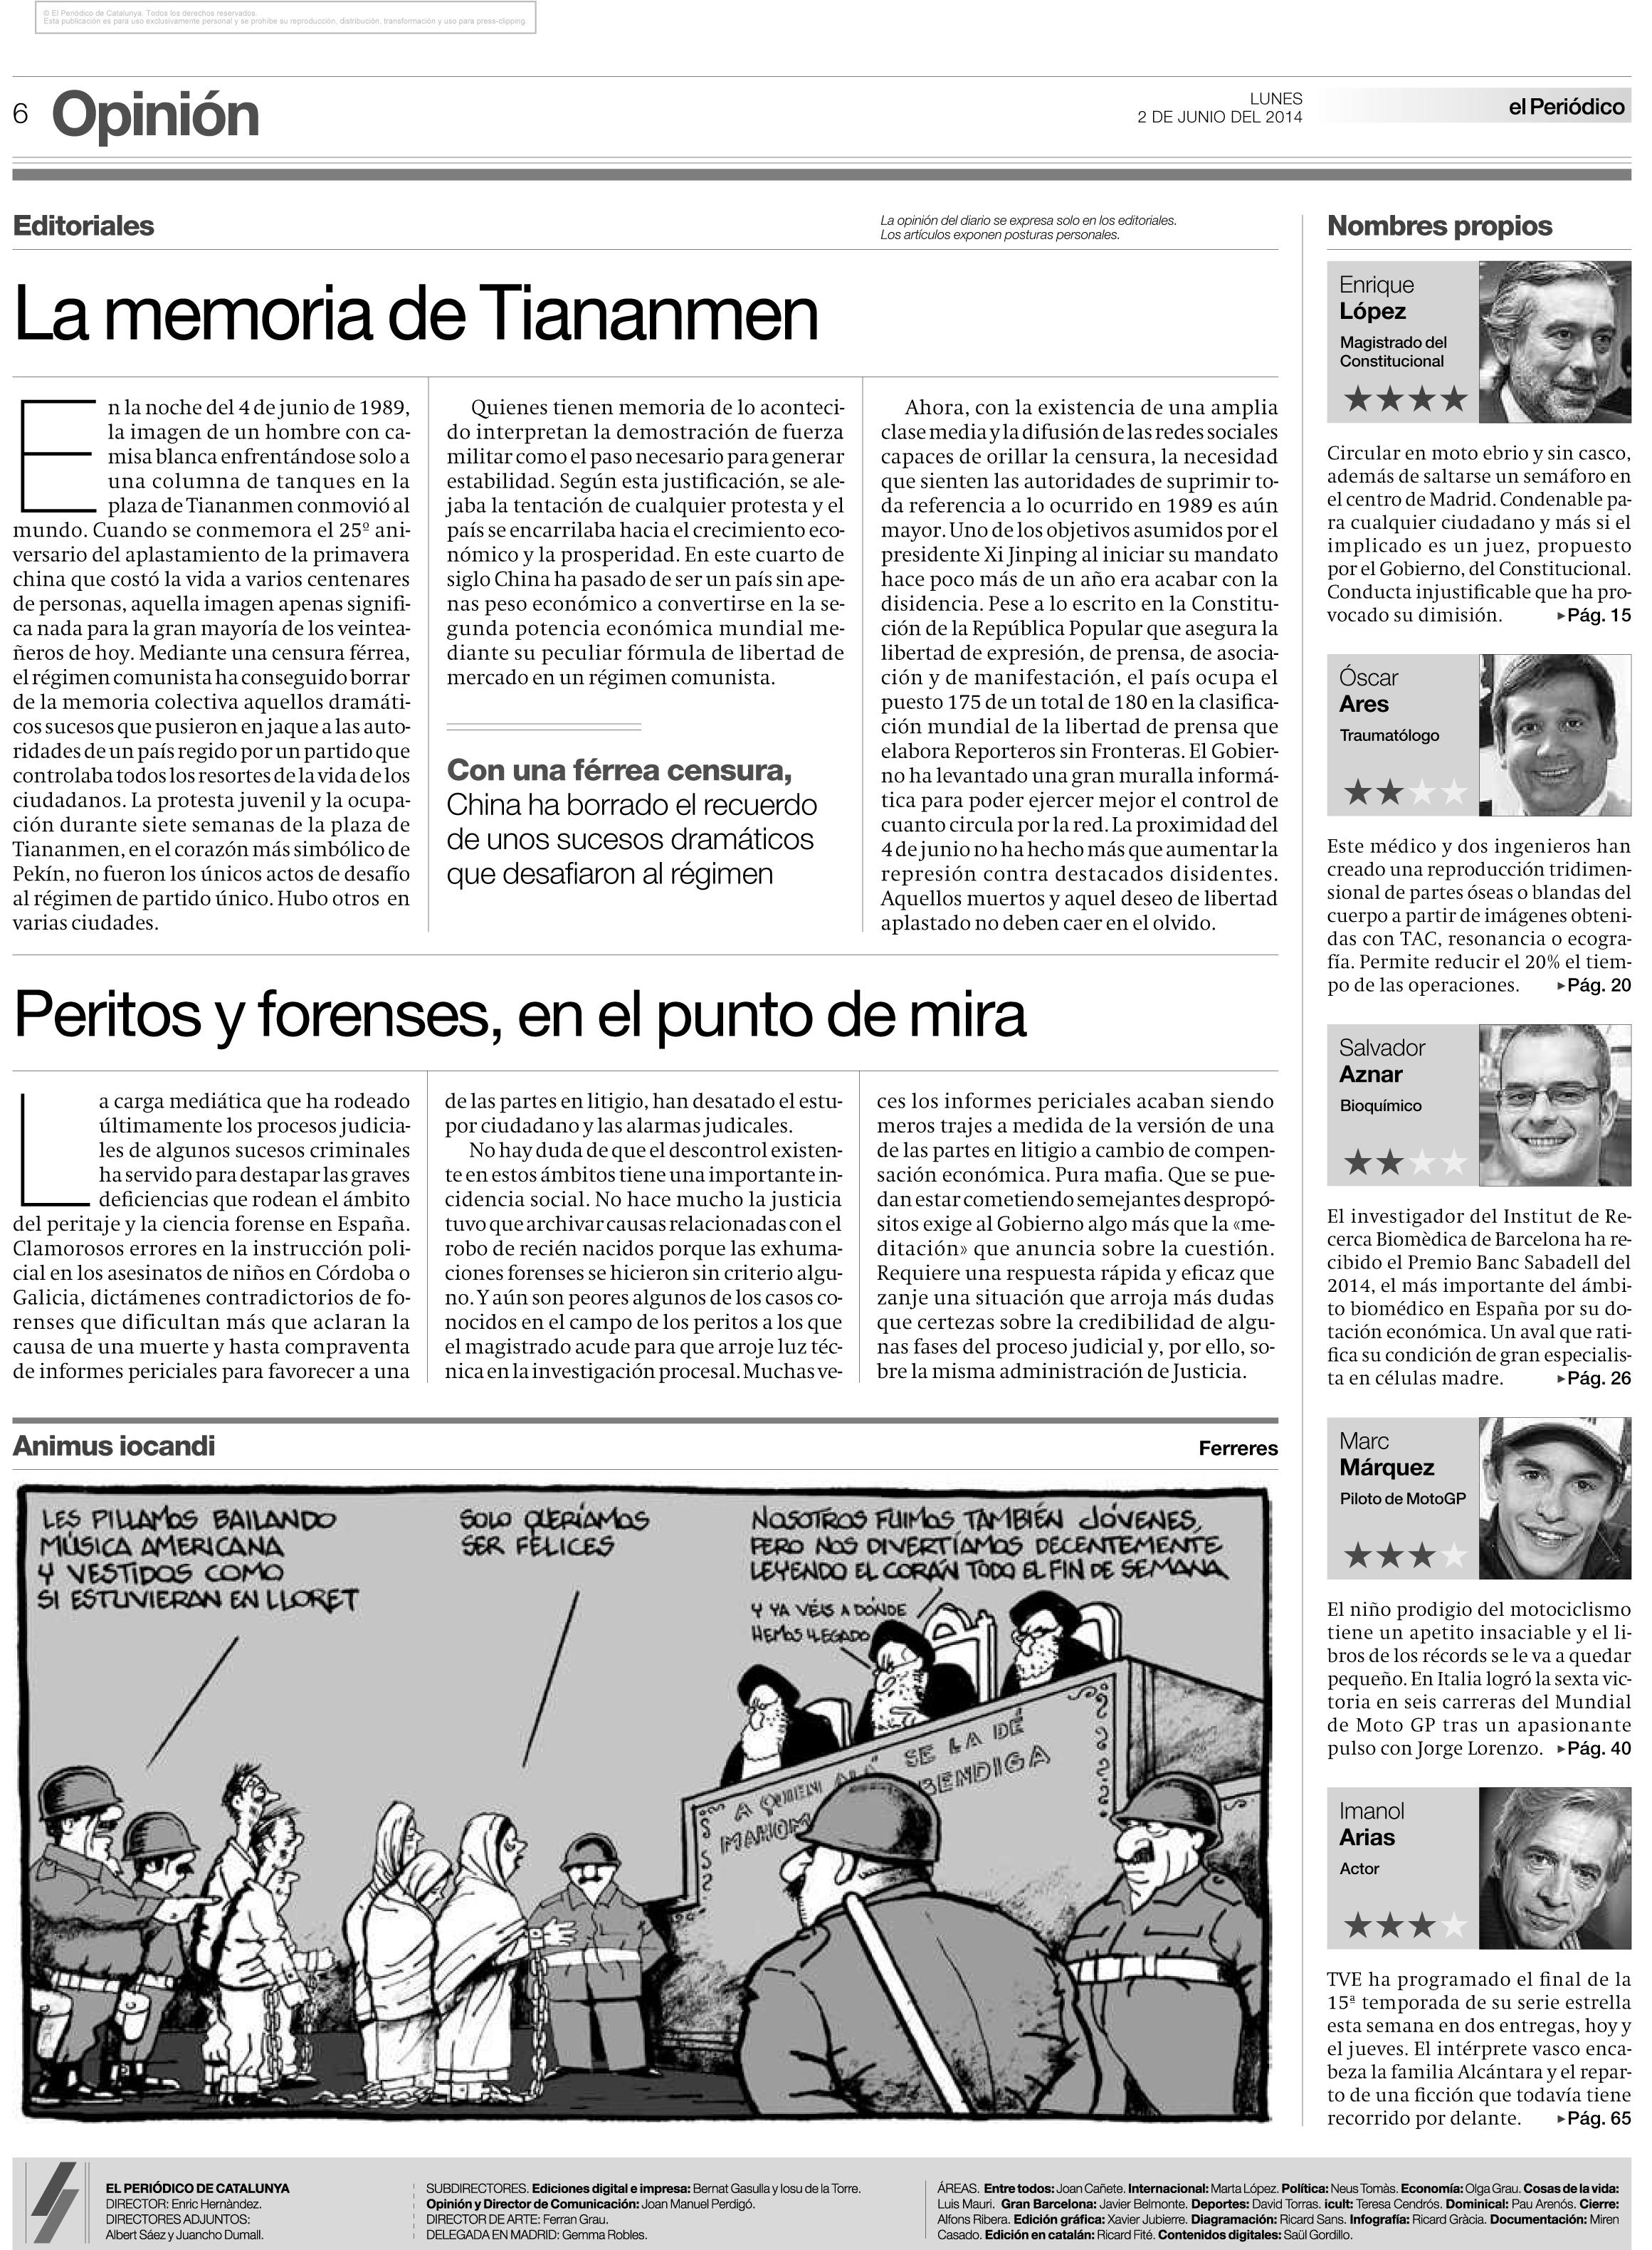 Editorial El Periódico 2 junio